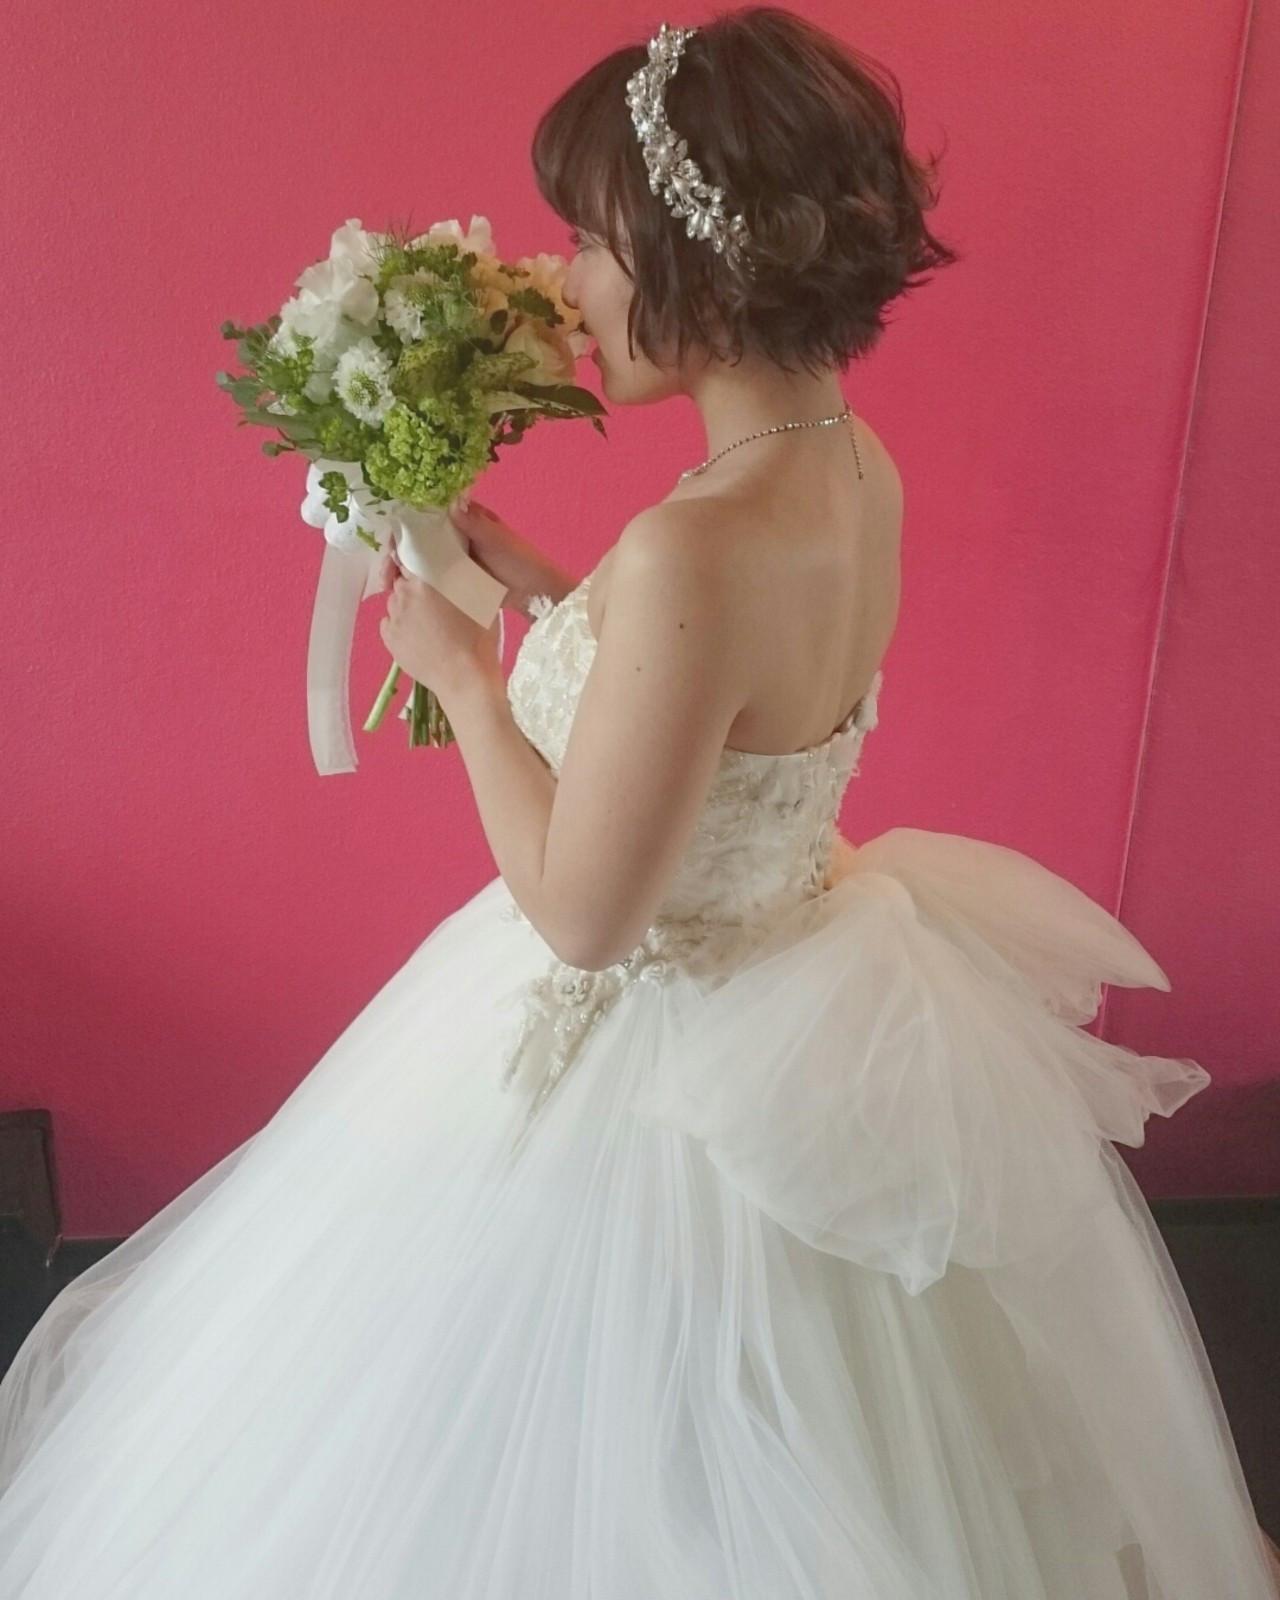 とっても魅力的なショートヘアの花嫁♡ 美和遥 FITZ(フィッツ)